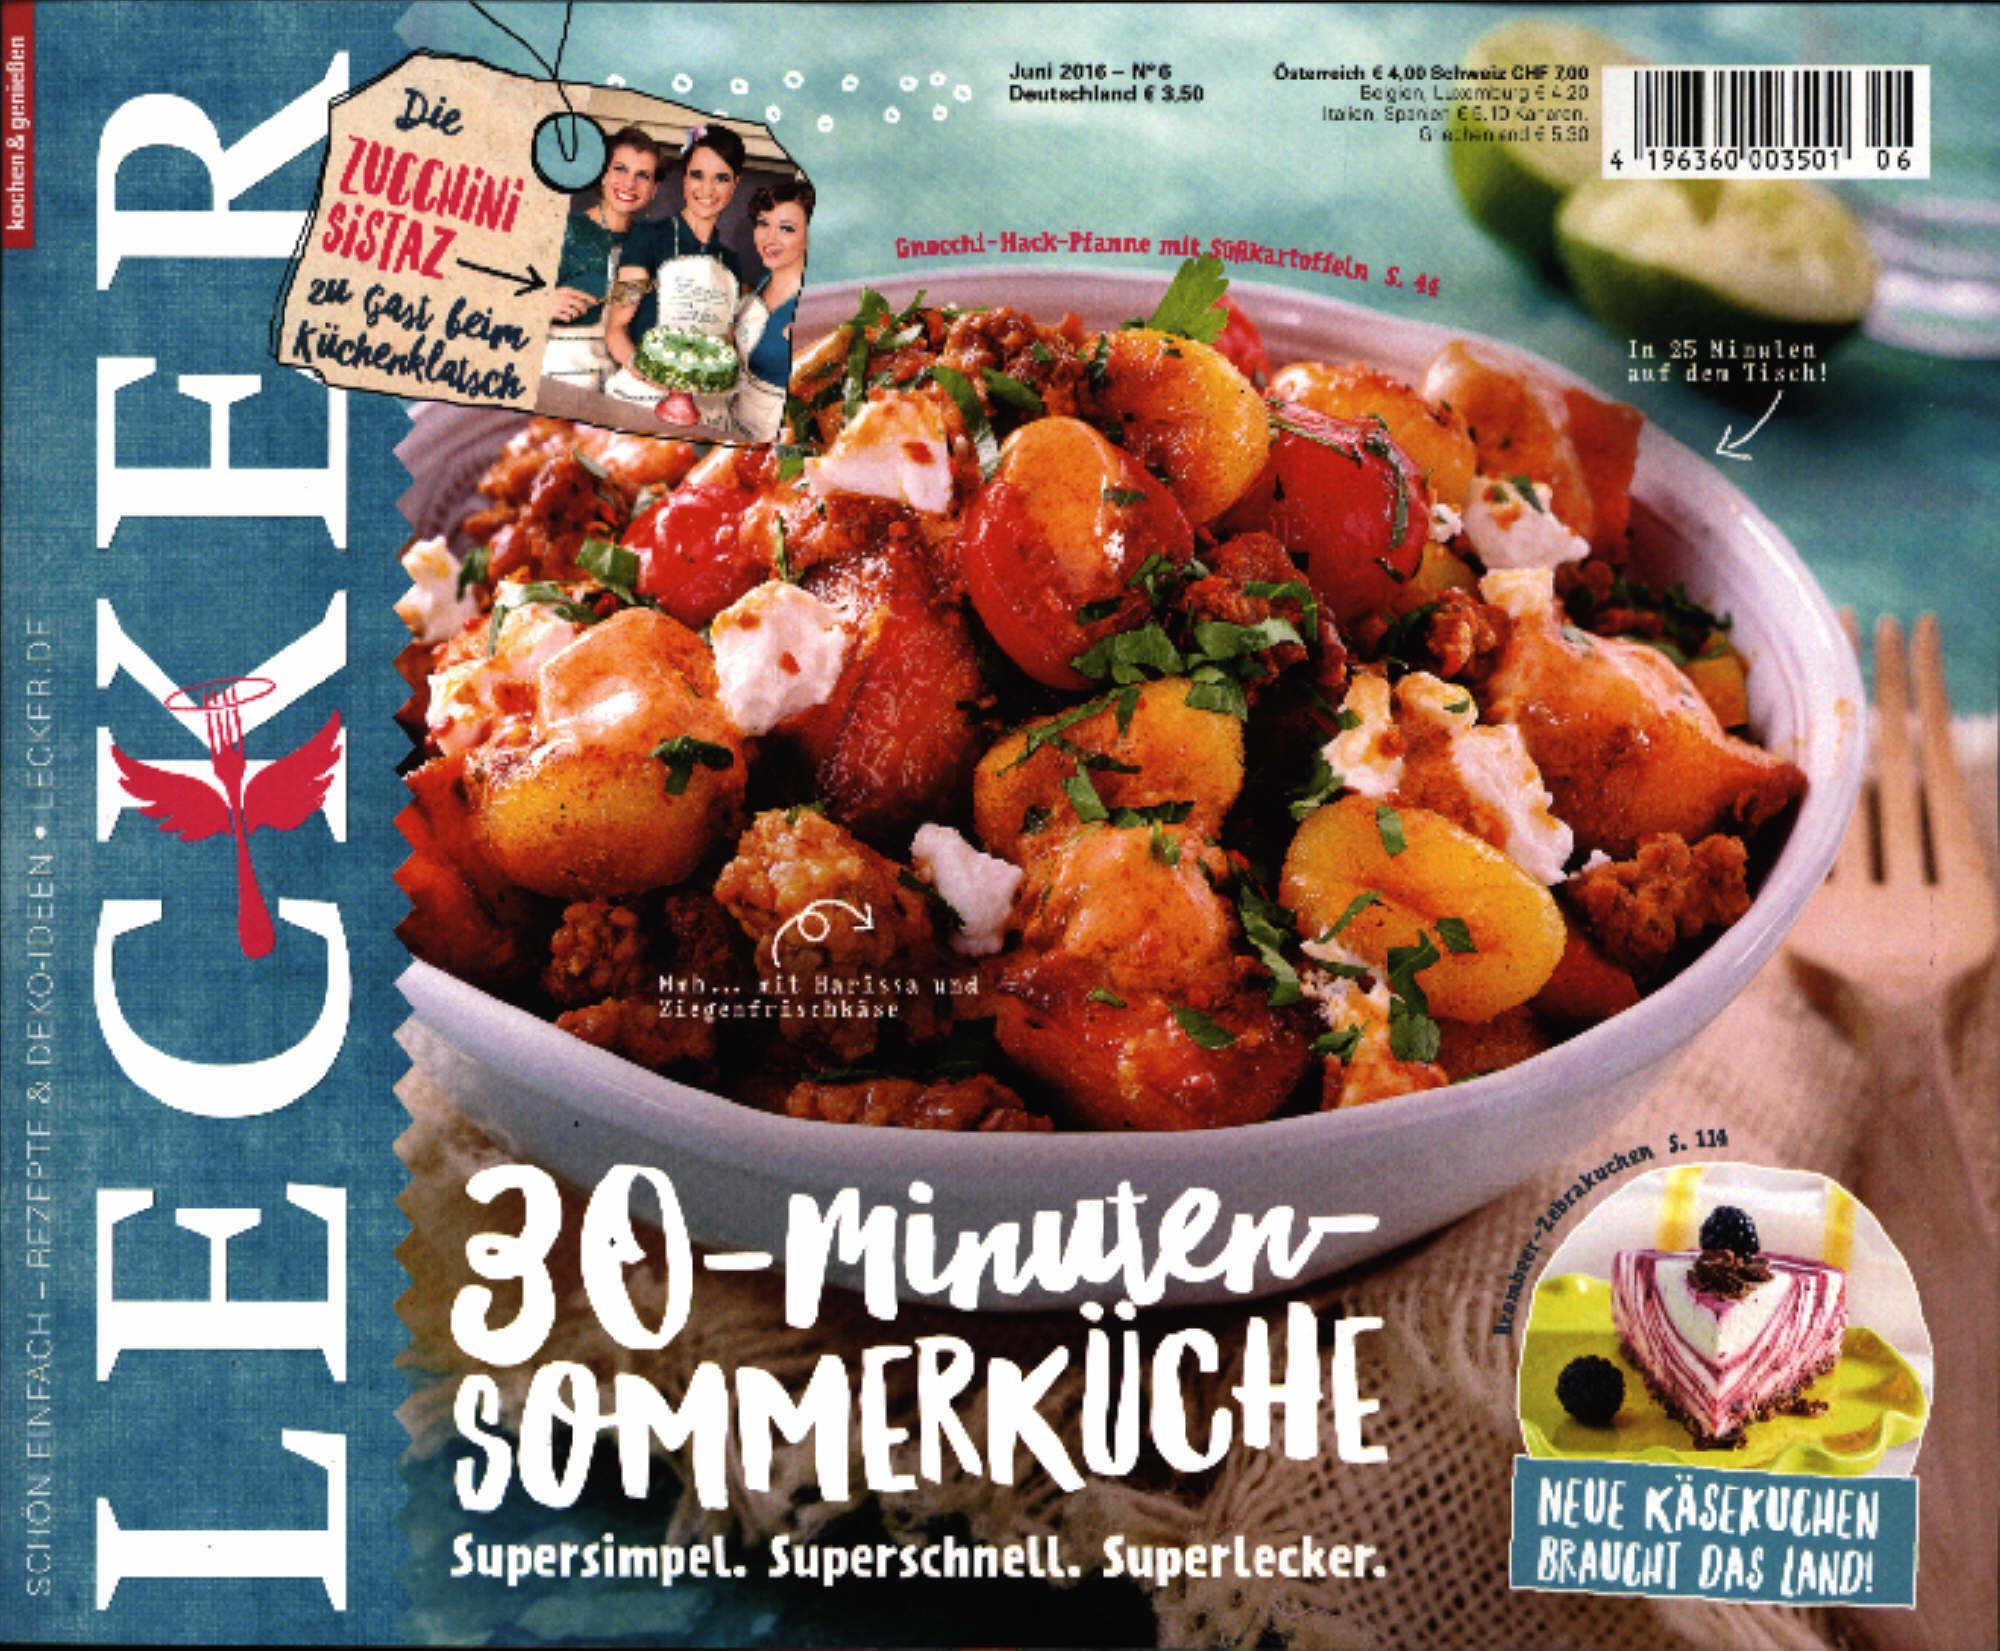 Sommerküche Brigitte : Sommerküche brigitte leichte sommerküche u gifhorner landfrauen